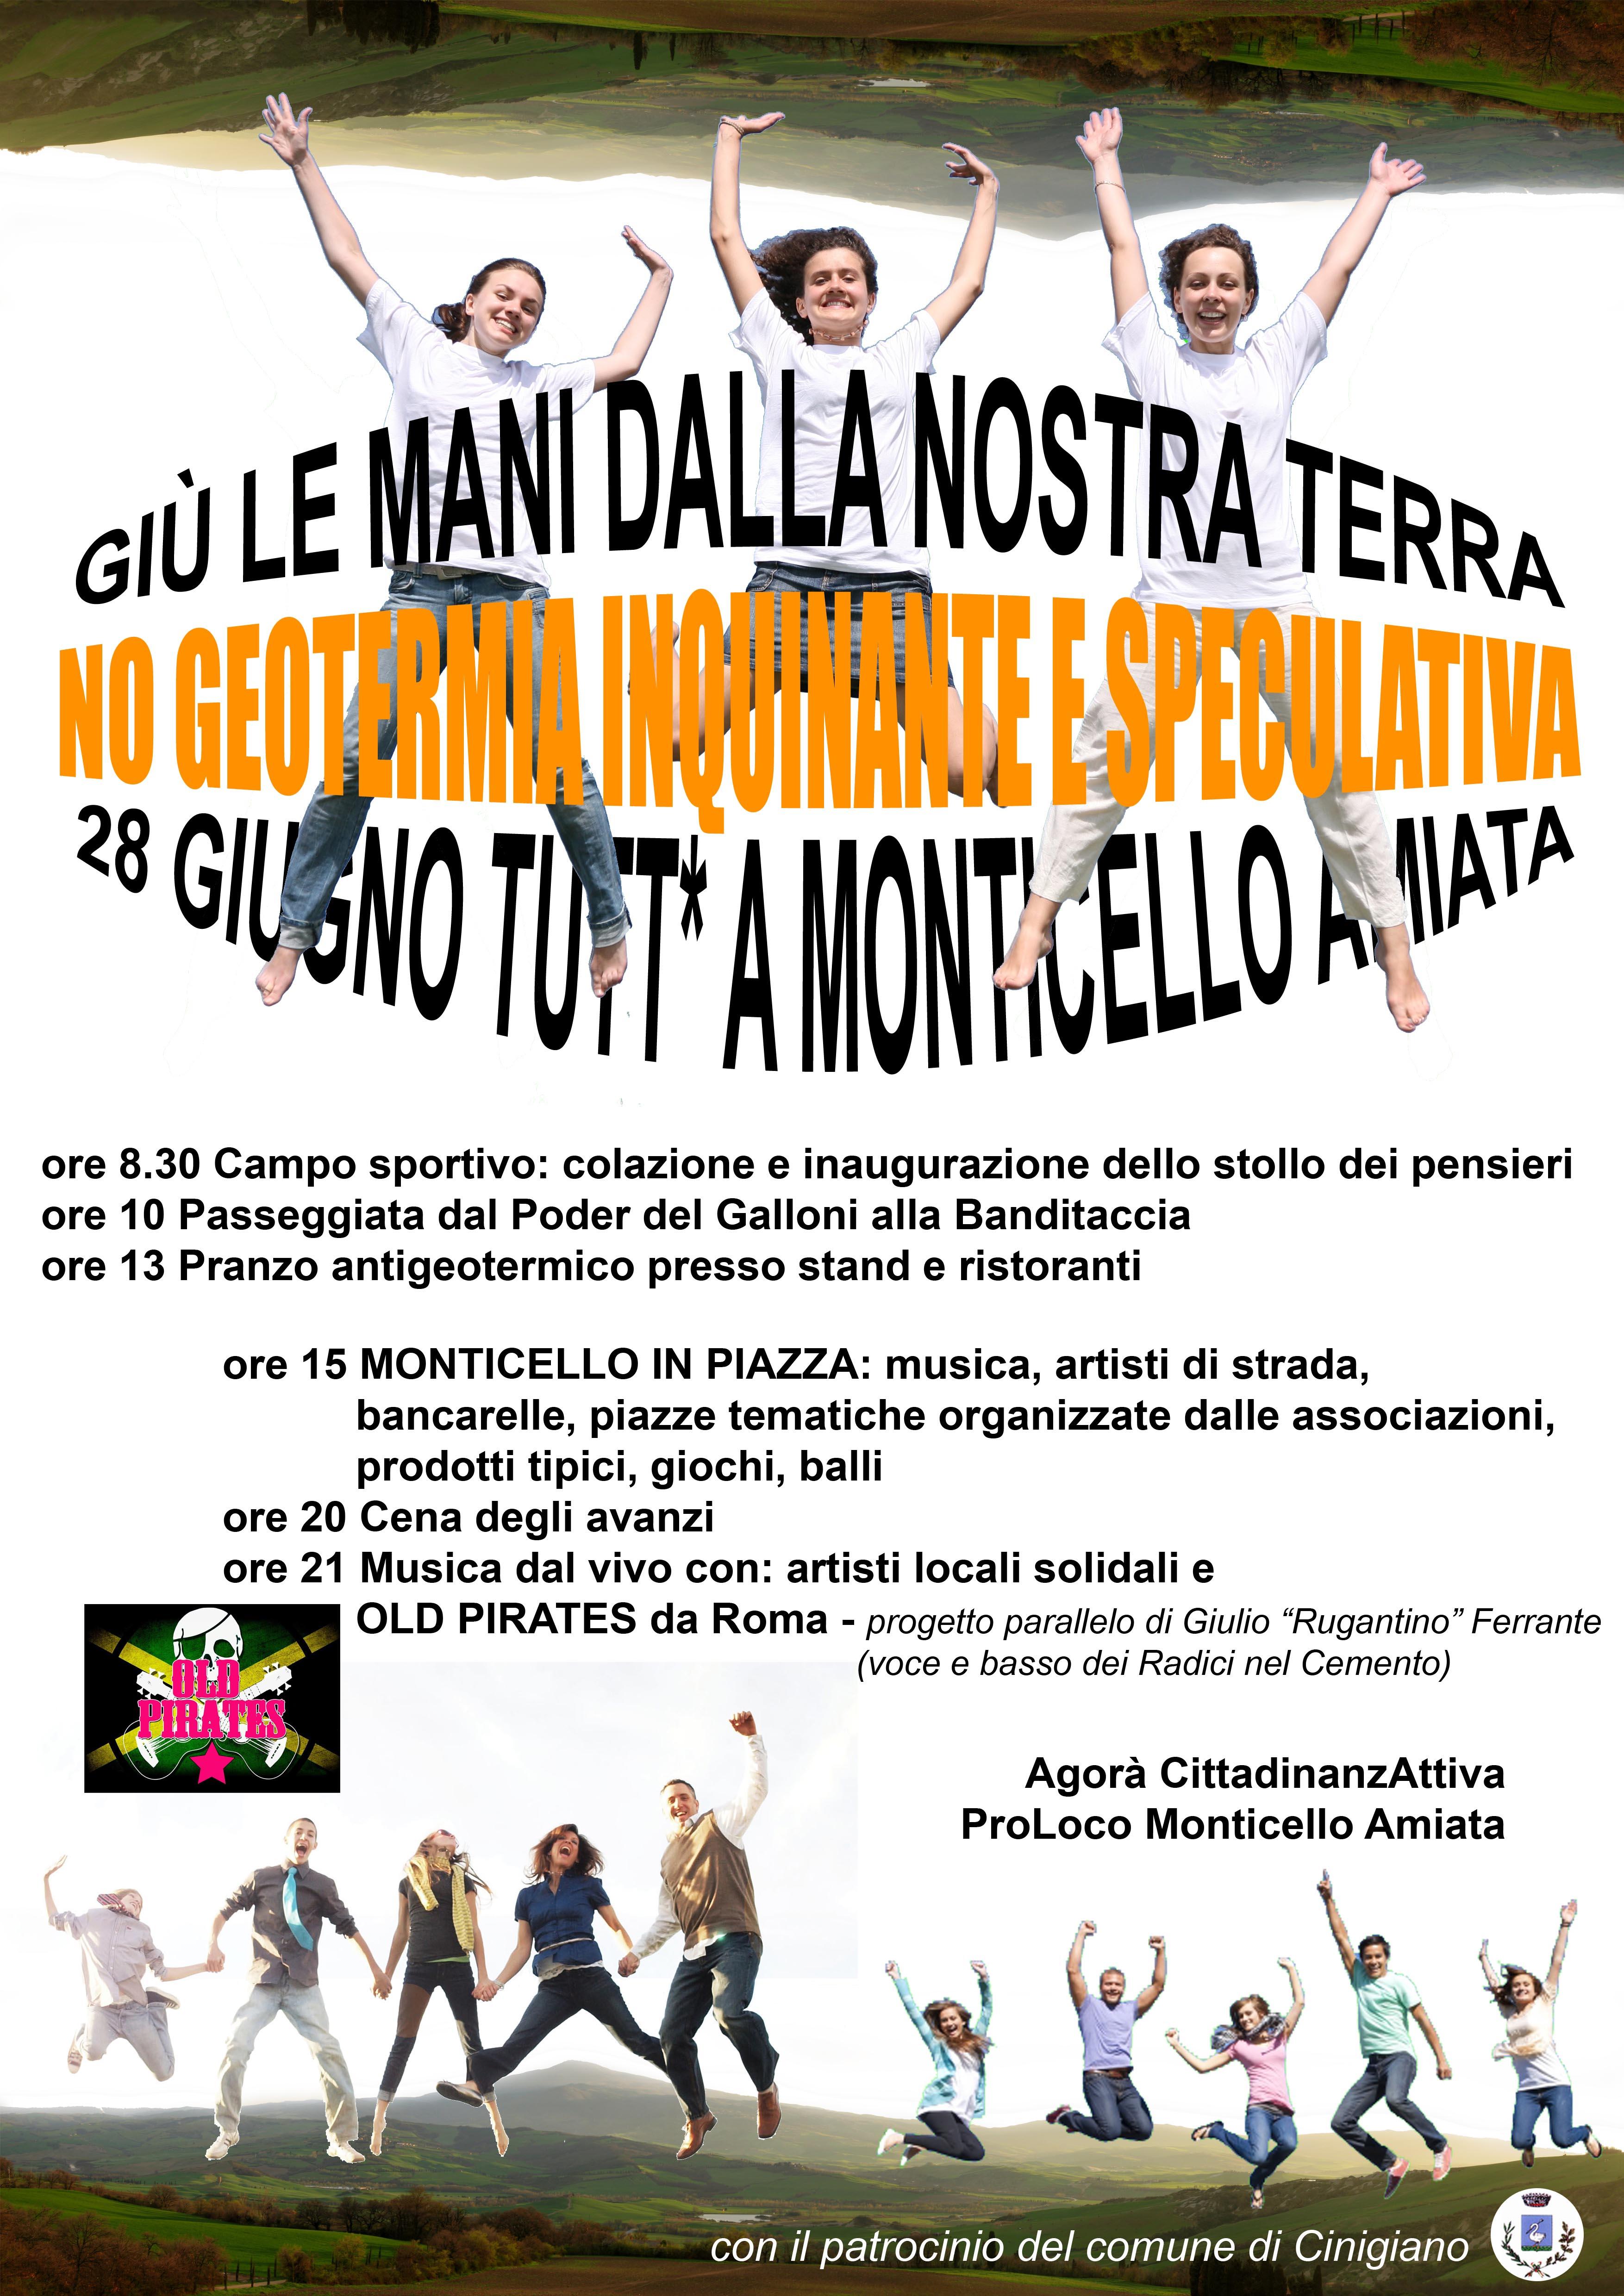 Manifesto della manifestazione del 28 giugno a Monticello Amiata contro la geotermia